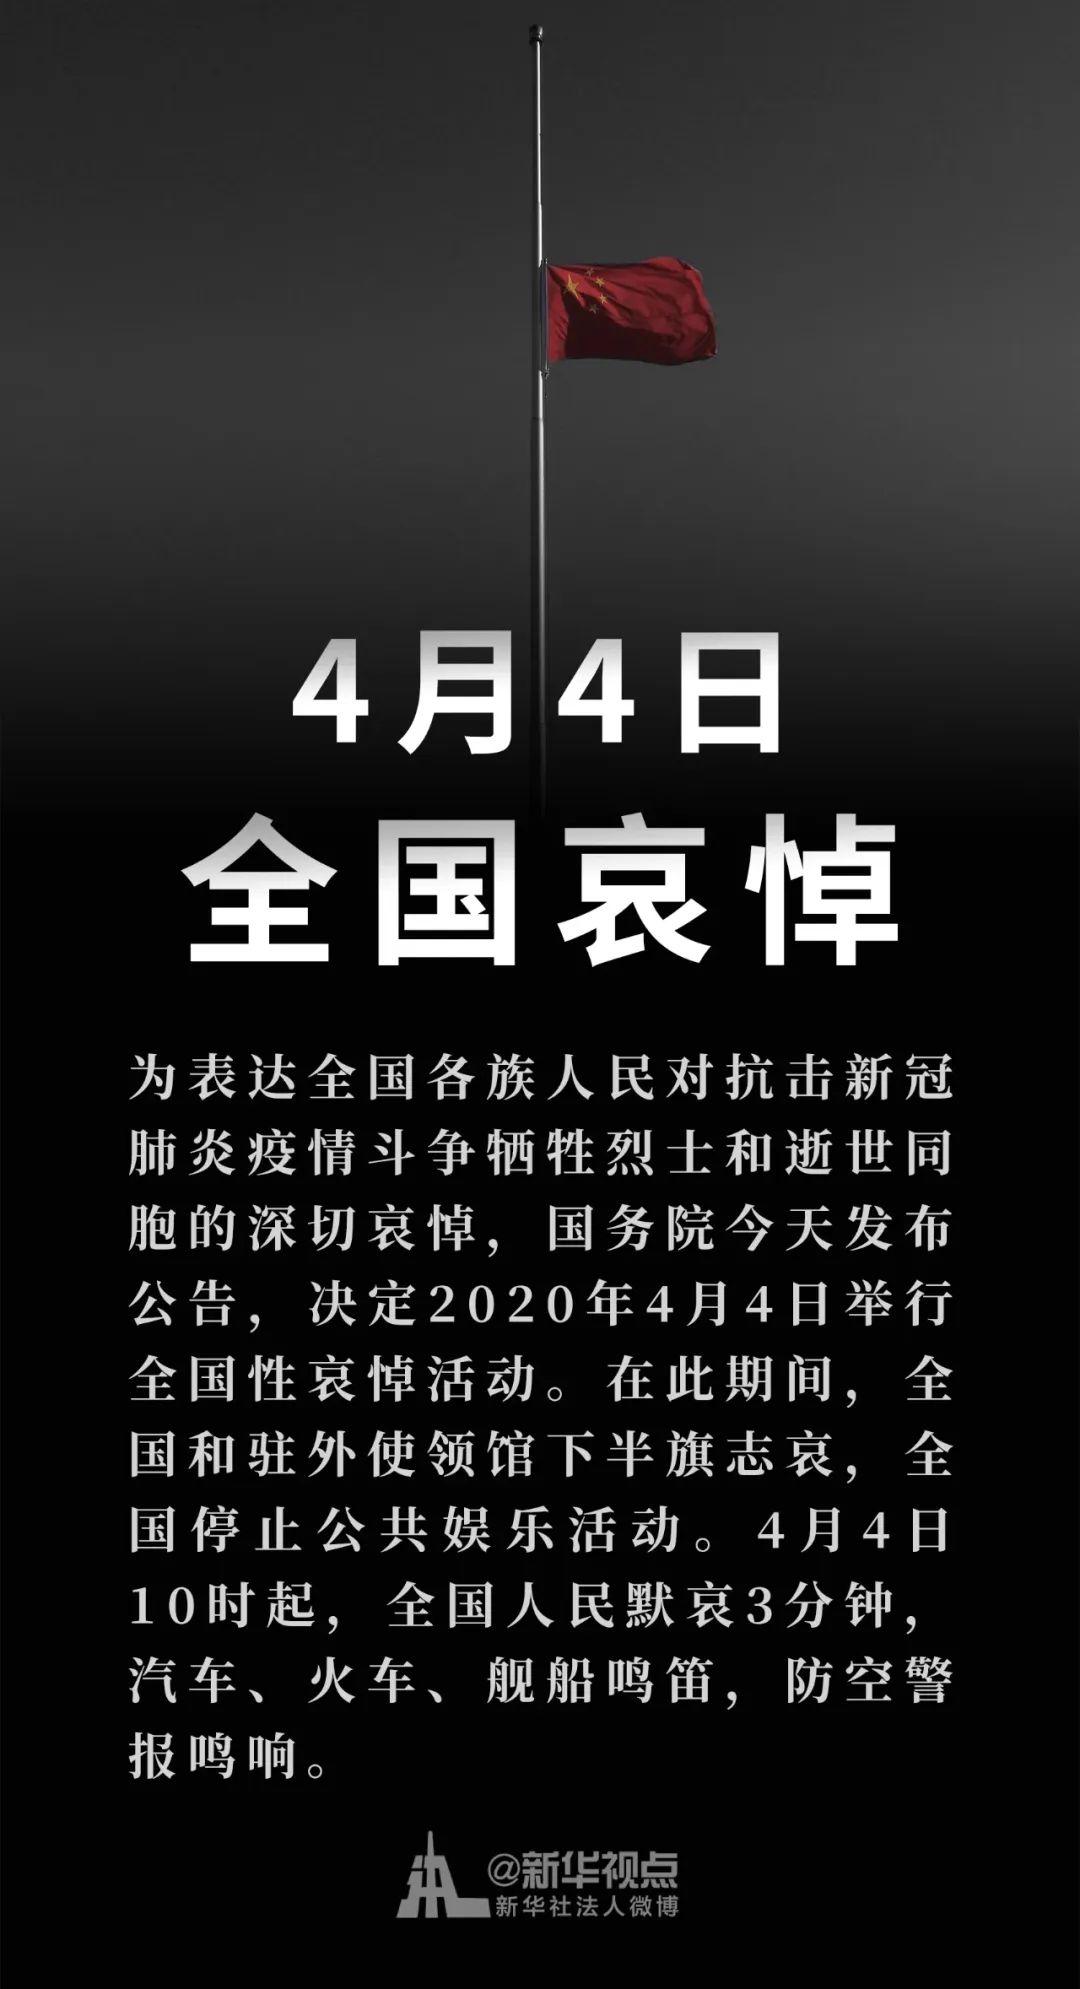 【清明】哀悼·致敬英雄